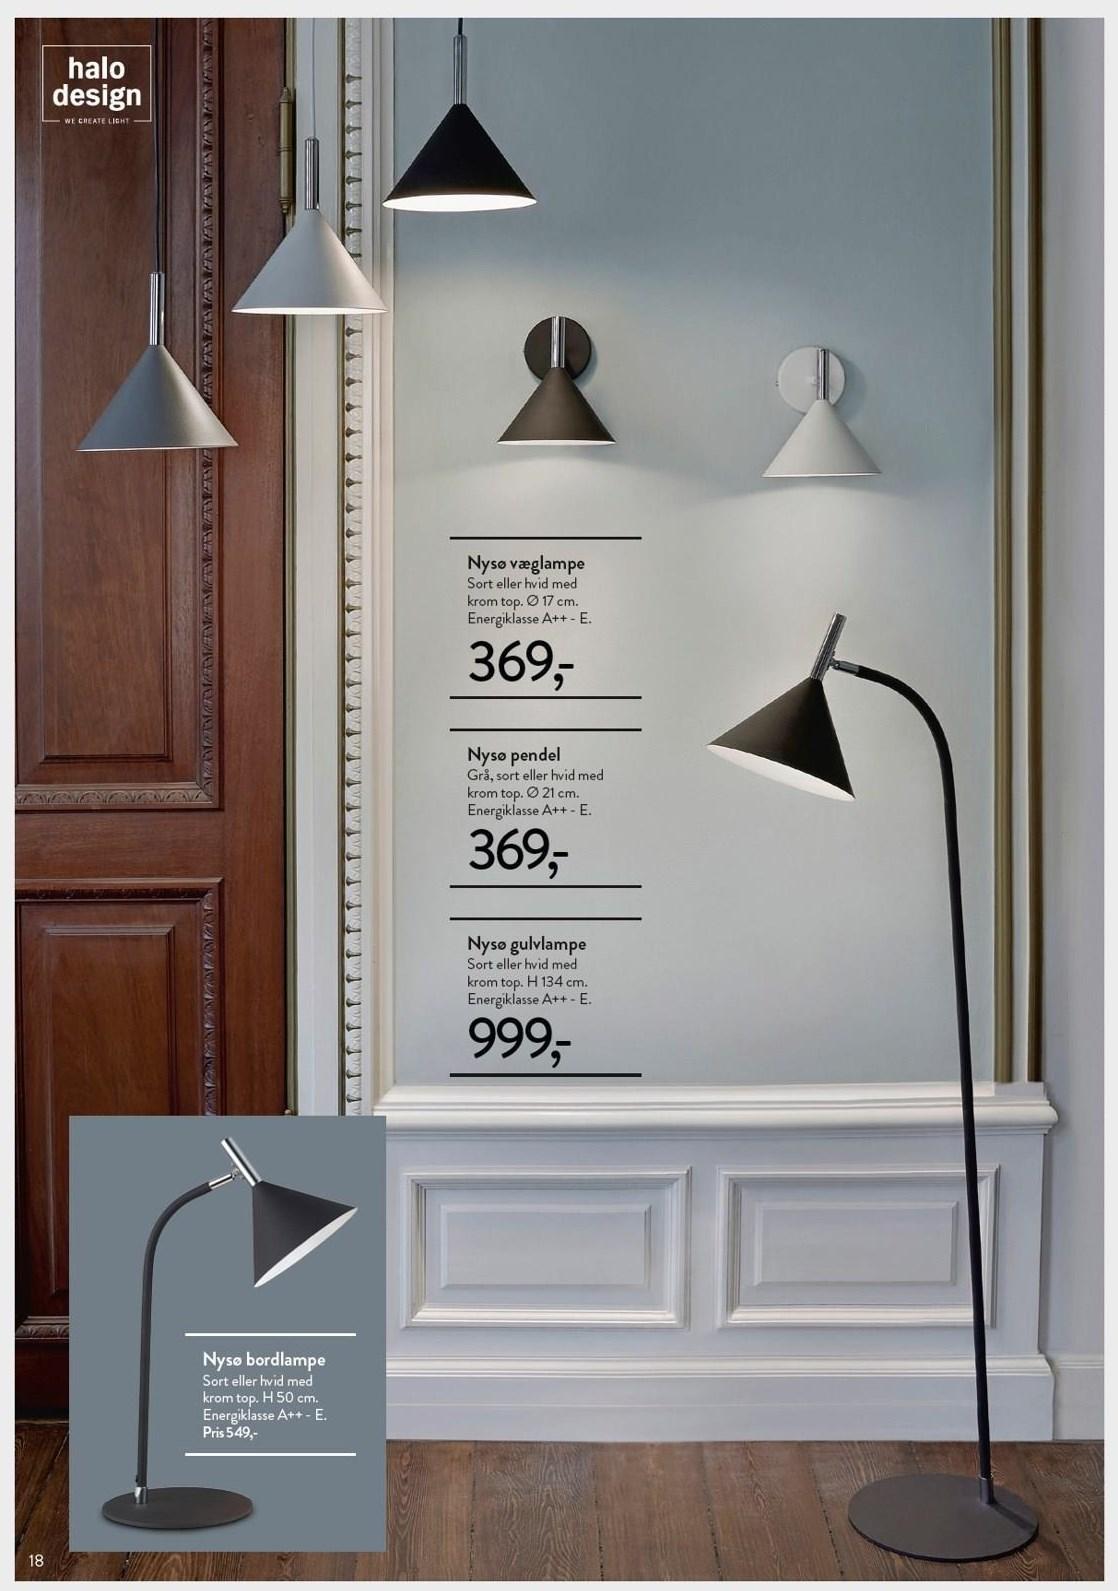 Nyse væglampe, bordlampe eller pendel